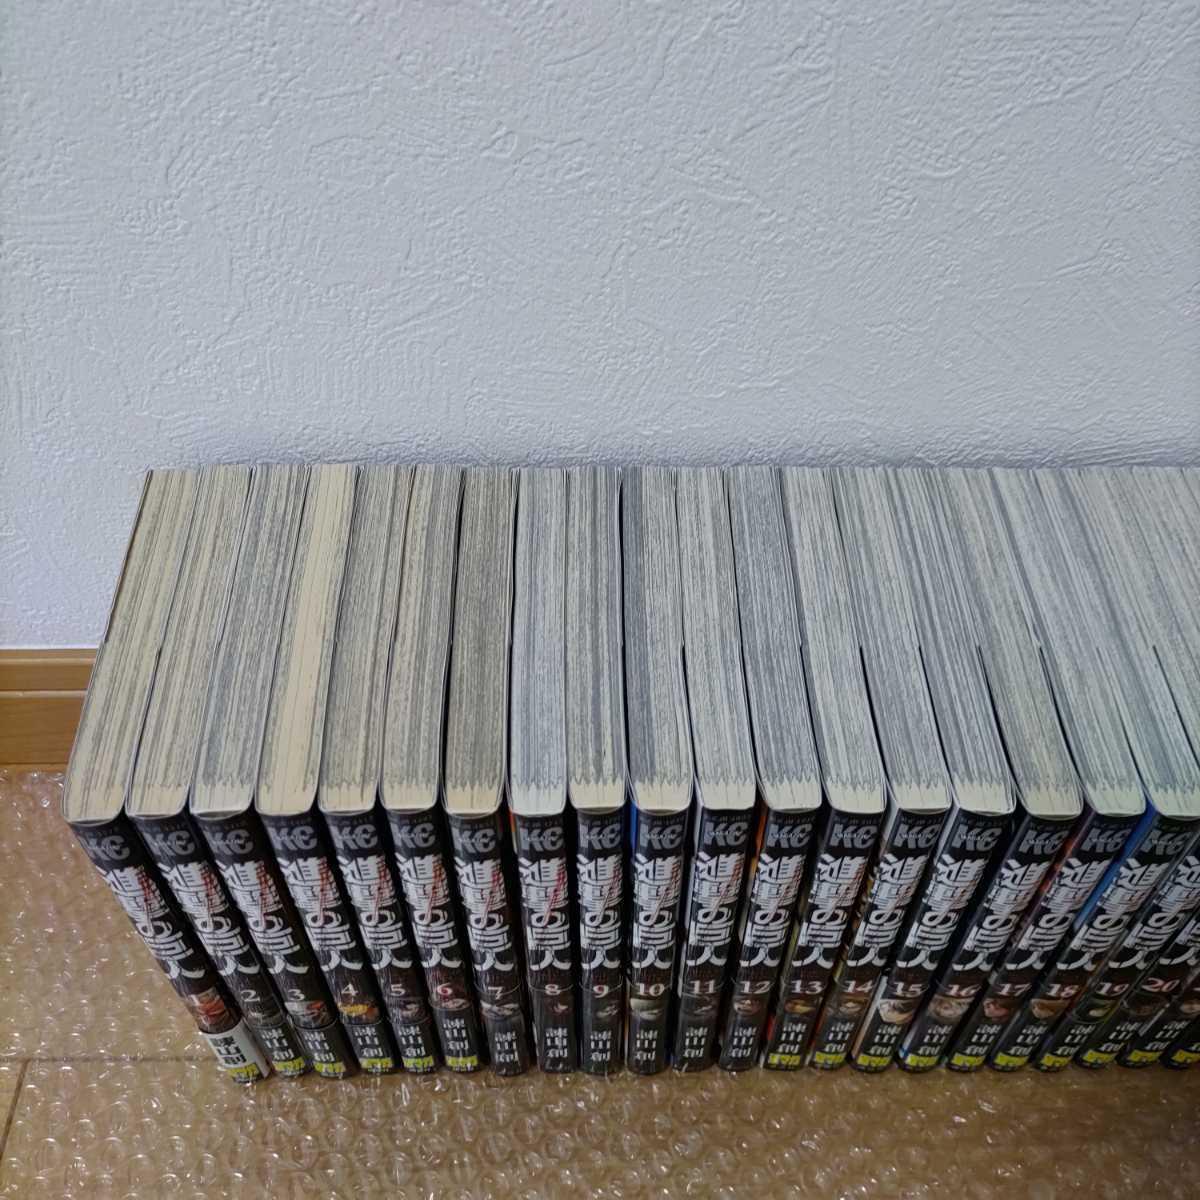 【初版】進撃の巨人 1~34巻 全巻セット レア 漫画 本 コミック しんげきのきょじん